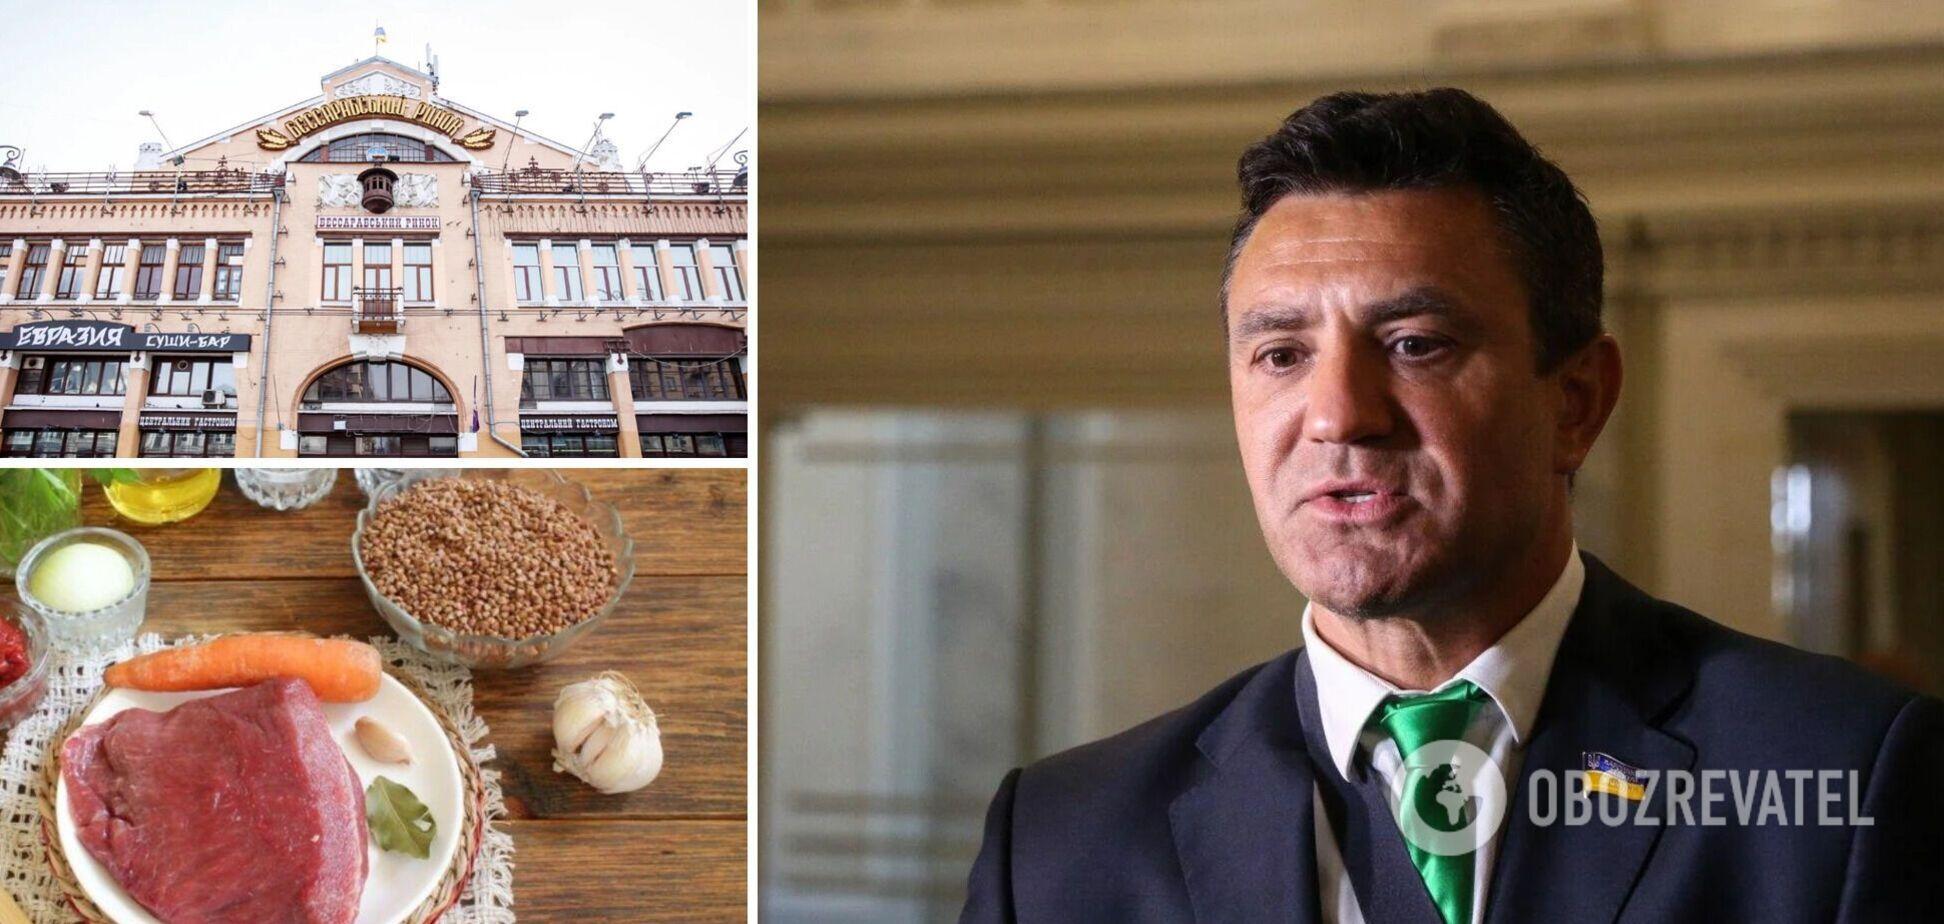 Гречка по 12 грн за килограмм, а говядина – по 50: Тищенко удивил заявлением о ценах на продукты в Украине. Видео